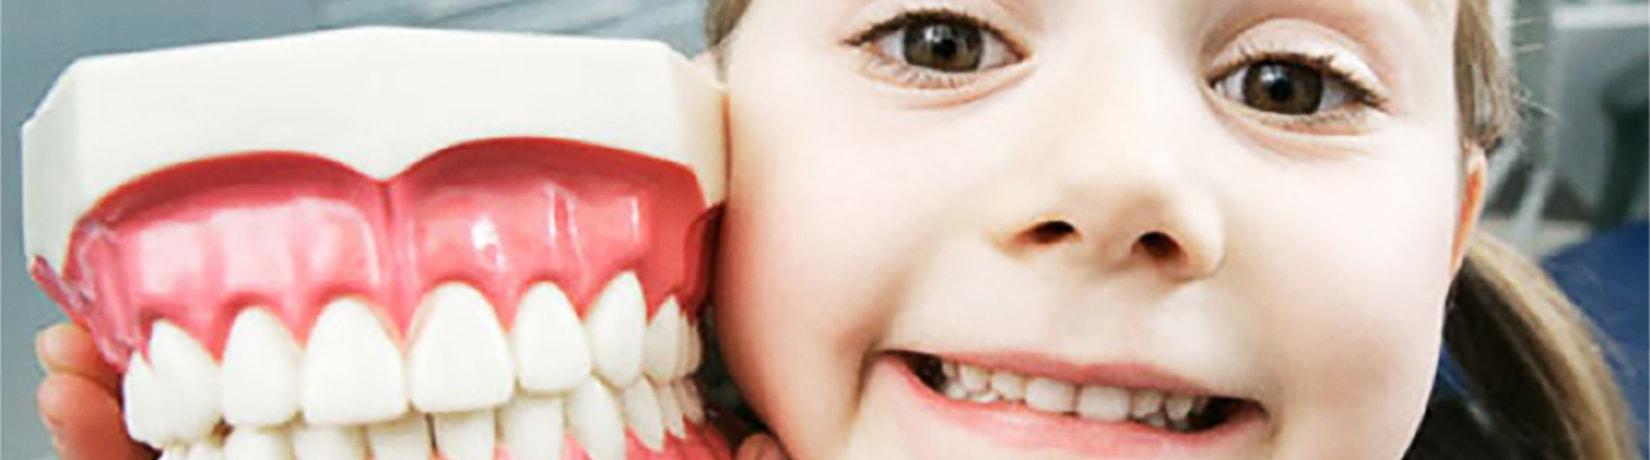 Зубы как индикатор здоровья: о чем расскажут заболевания полости рта